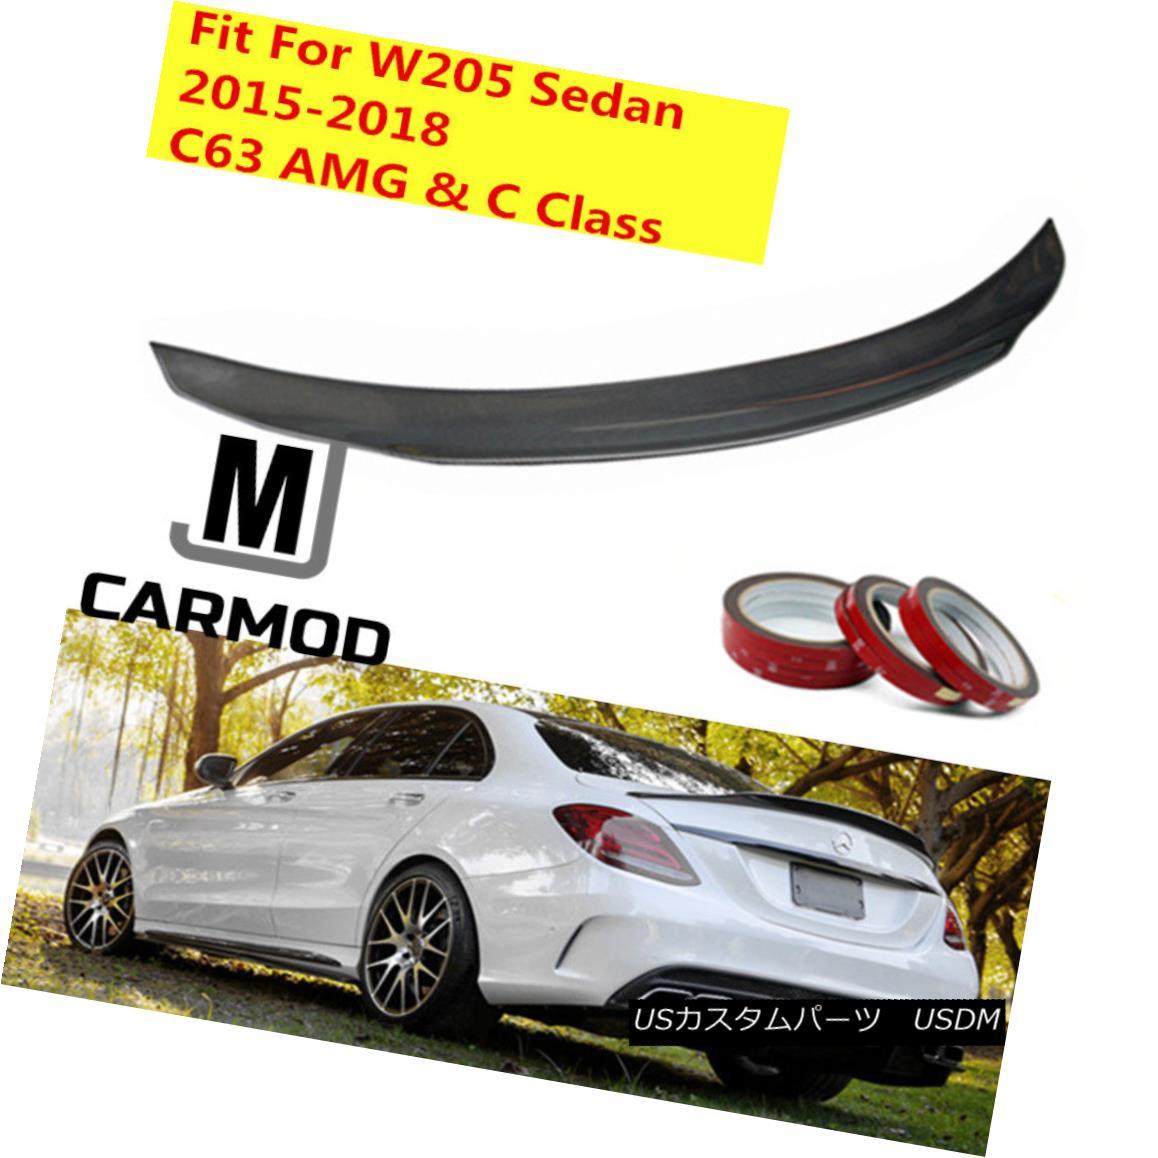 エアロパーツ PSM Style Carbon Fiber Trunk Spoiler Fit For MERCEDES-BENZ W205 C63 AMG C CLASS メルセデスベンツW205 C63 AMG CクラスのPSMスタイルカーボンファイバートランク・スポイラー・フィット